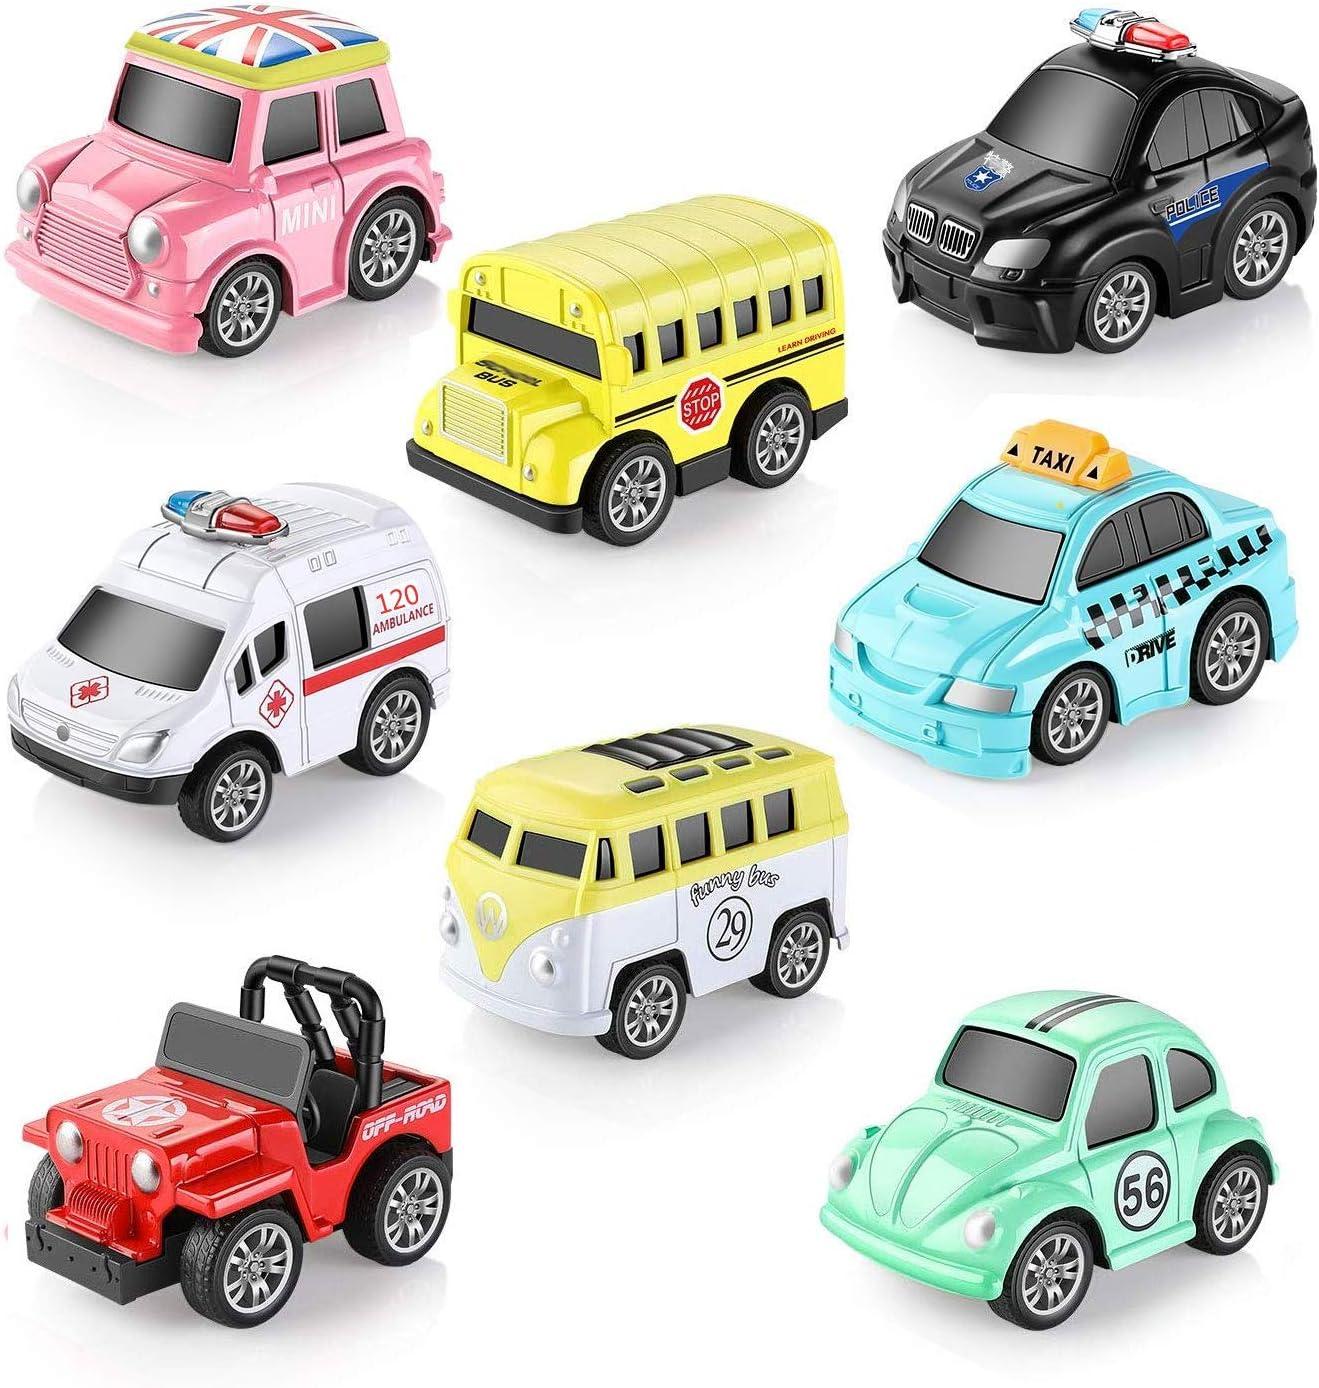 OMZGXGOD 8 Piezas Metálico Tire hacia Atrás Coches de Juguetes, Miniature Camion Modelos para Niños y Niñas,Estupendos como Regalitos para Fiestas Infantiles,para niños de 3 a 12 Años Niñas Niños